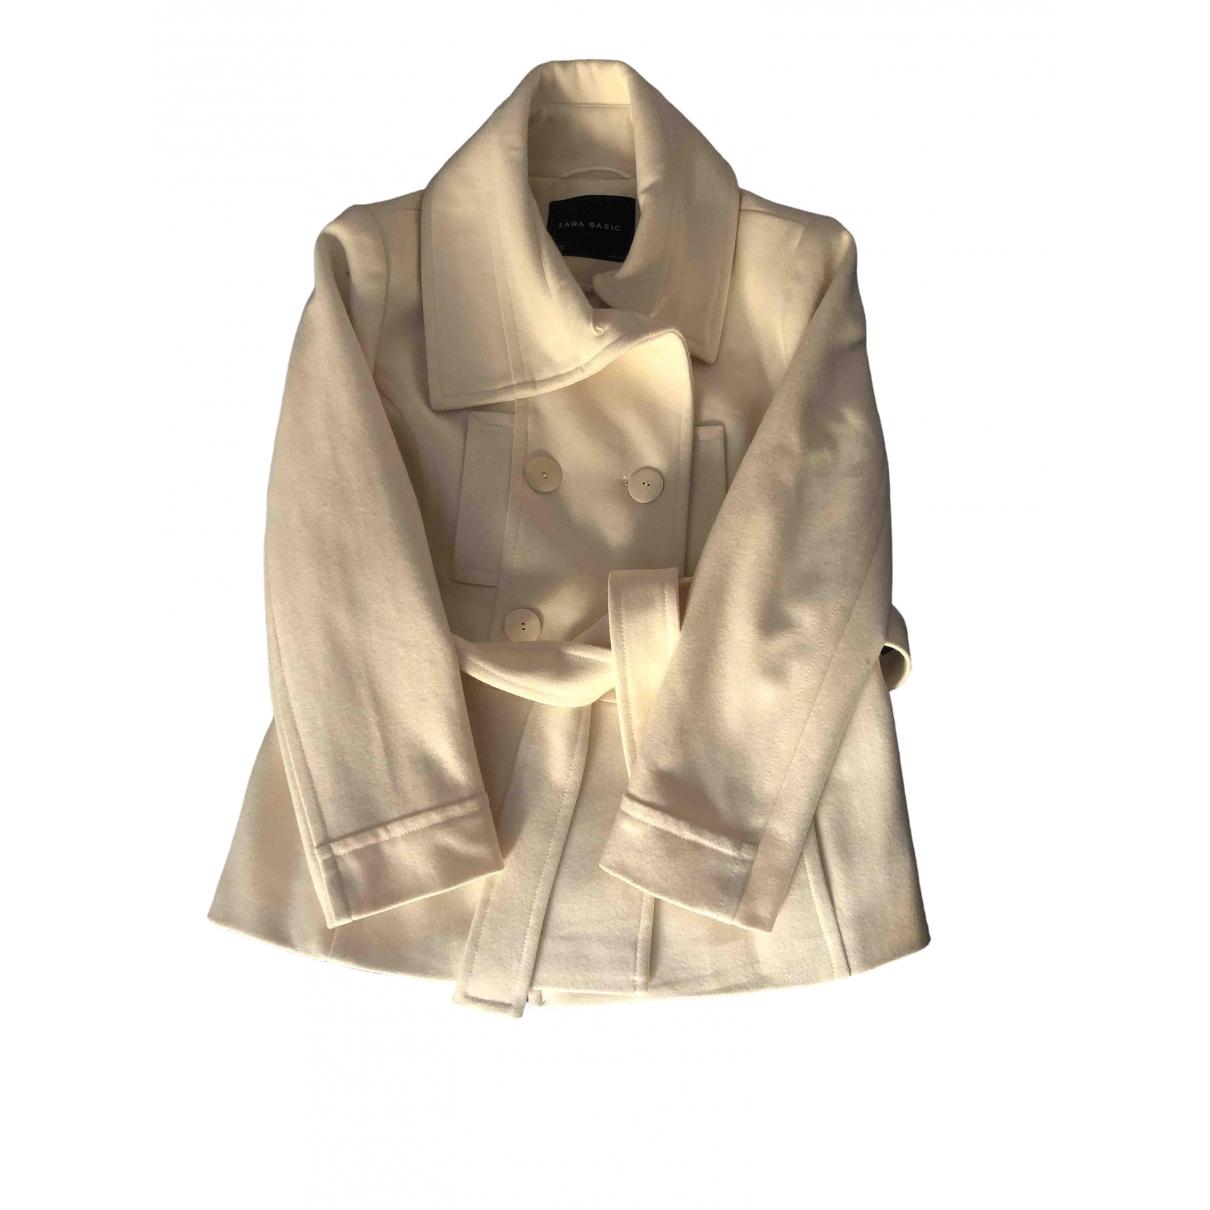 Zara - Manteau   pour femme en laine - beige